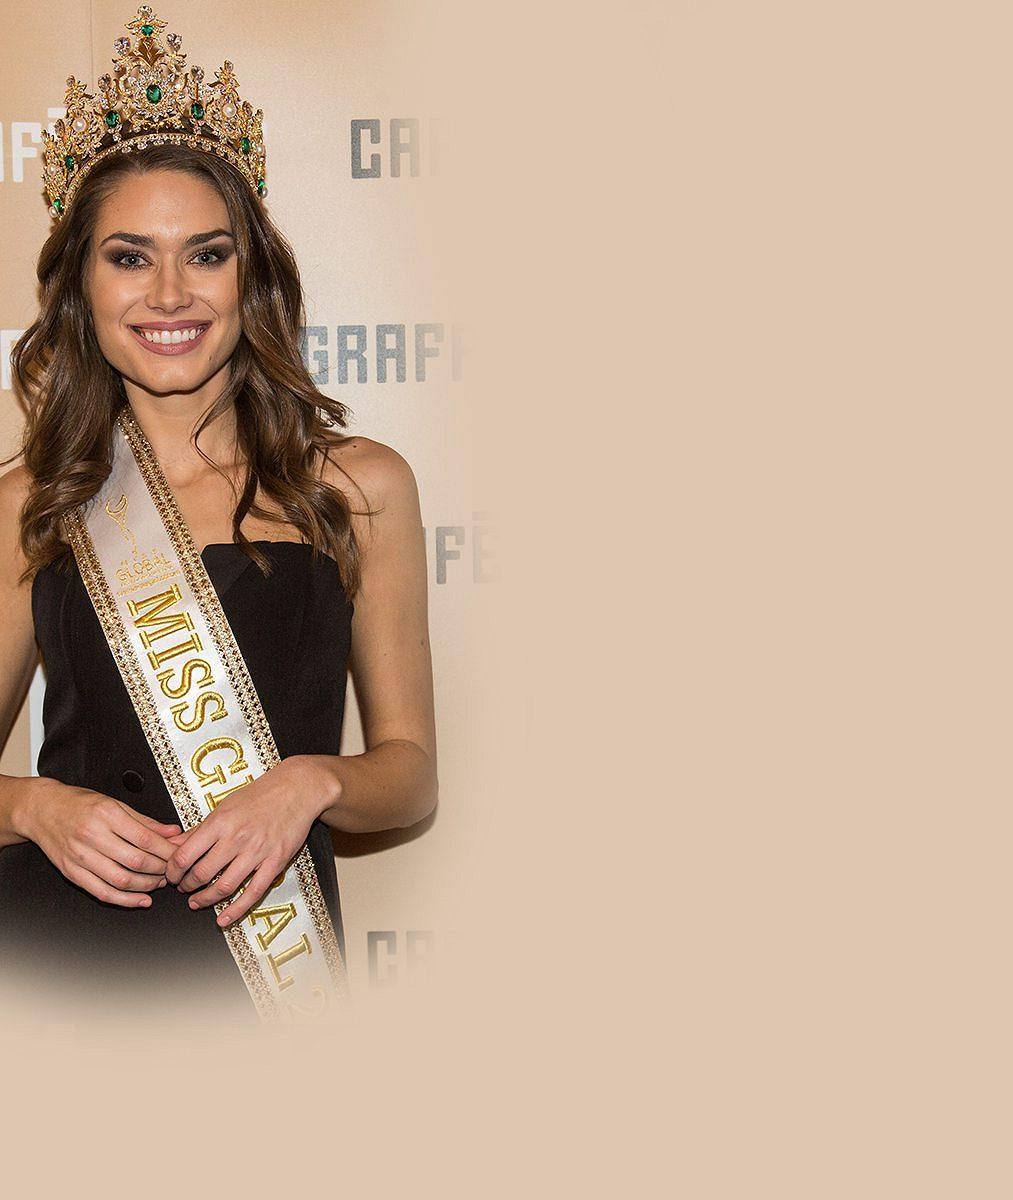 Další úspěch české krásy! Takhle to vítězce světové soutěže sekne na titulce zahraničního časopisu